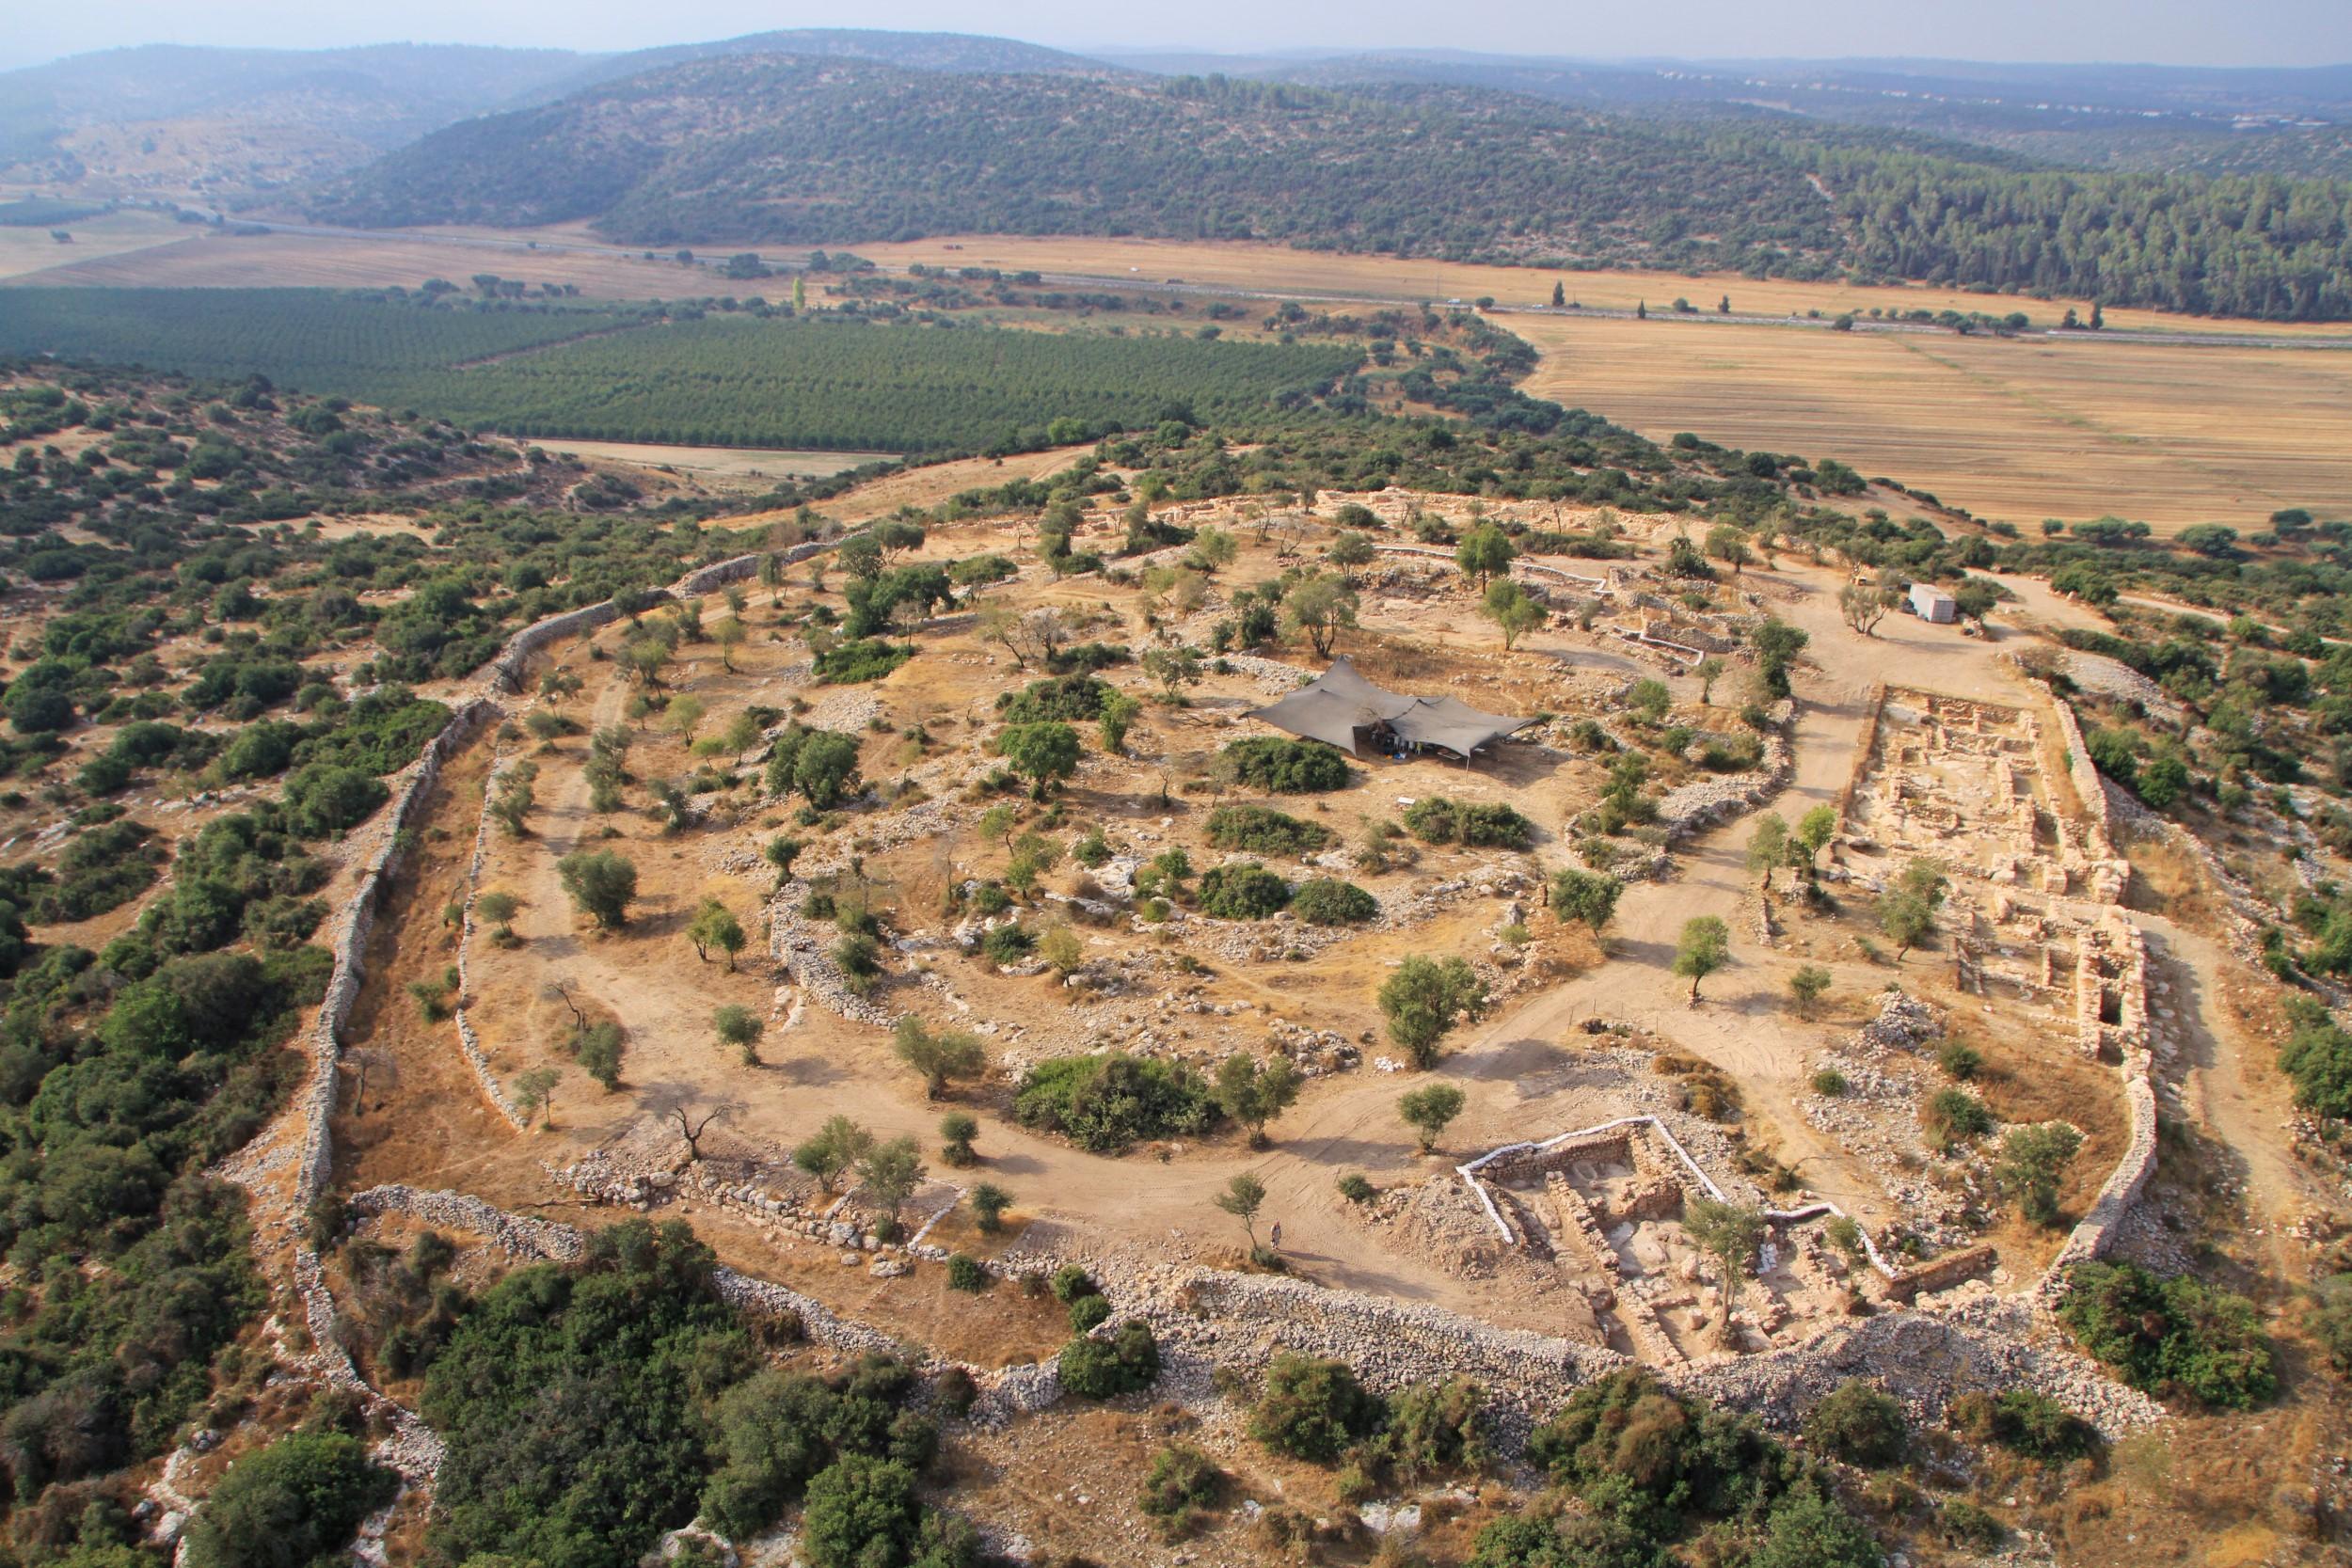 תמונה אווירית כללית של האתר. צילום: חברת  Skyview, באדיבות האוניברסיטה העברית ורשות העתיקות